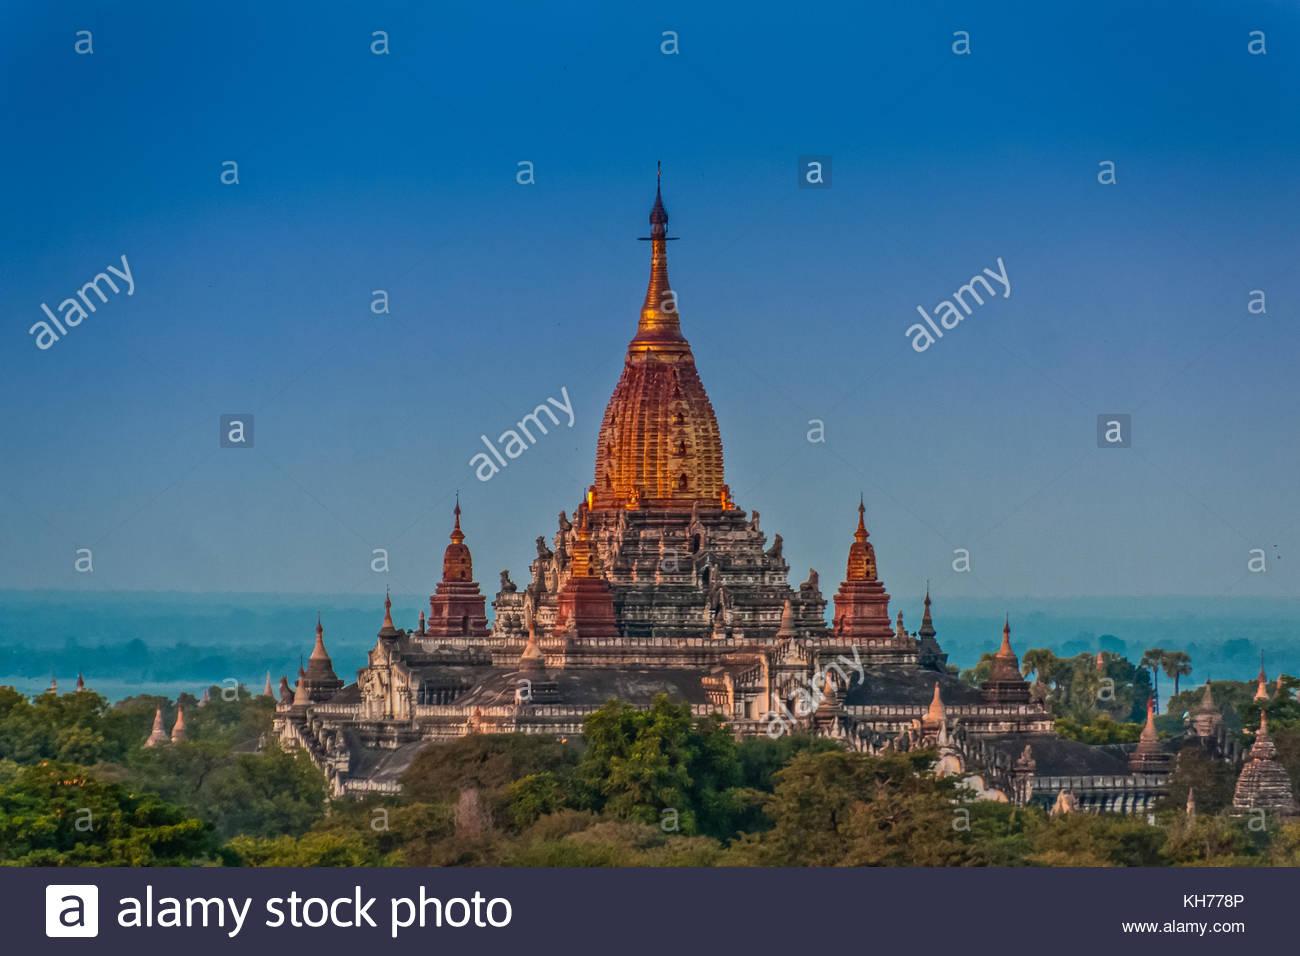 Das Ananda Tempel, Alt Bagan, Myanmar Stockbild